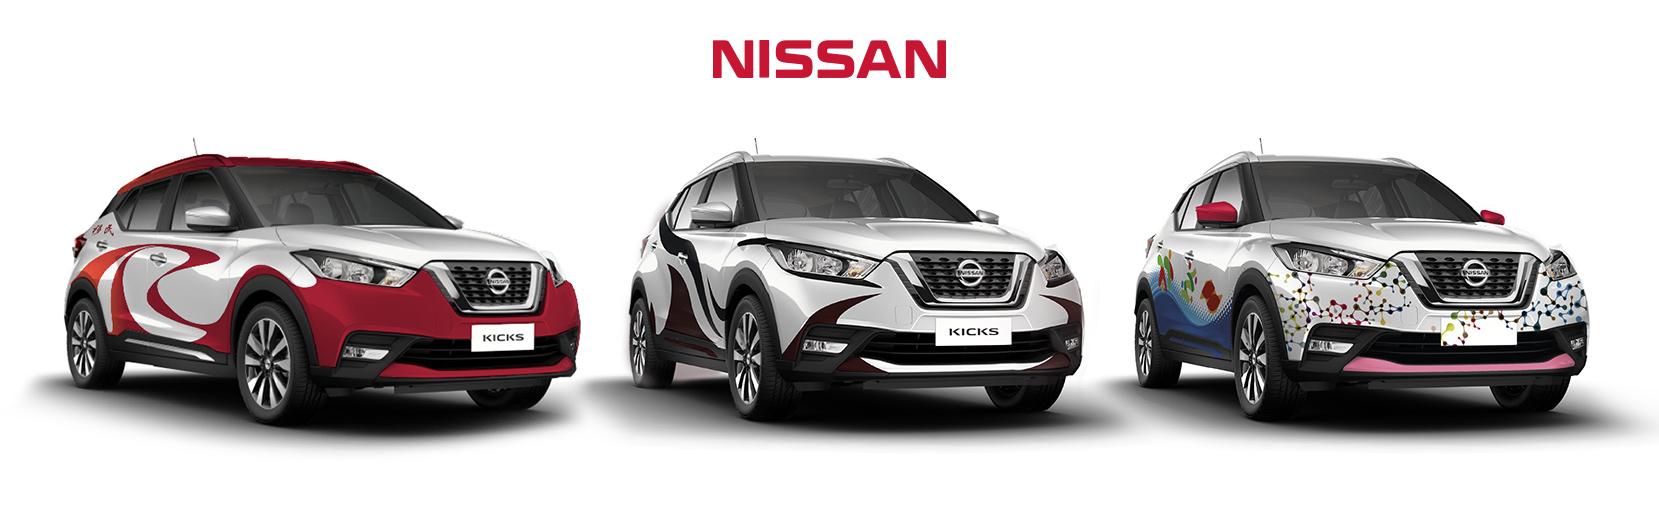 Nissan revela finalistas do concurso de design que homenageia cultura japonesa no Kicks